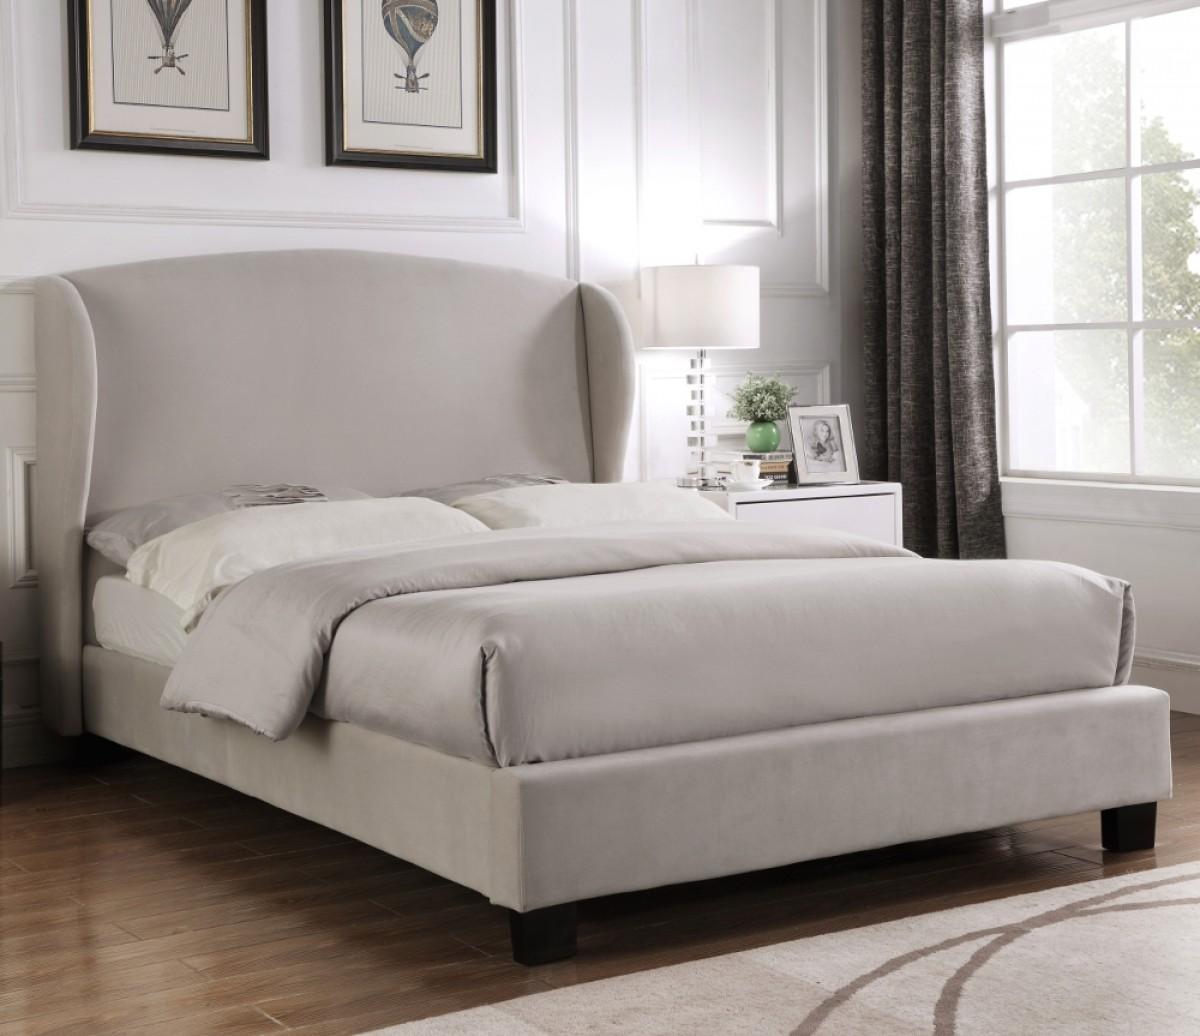 Blenheim Light Grey Velvet Fabric Winged Bed